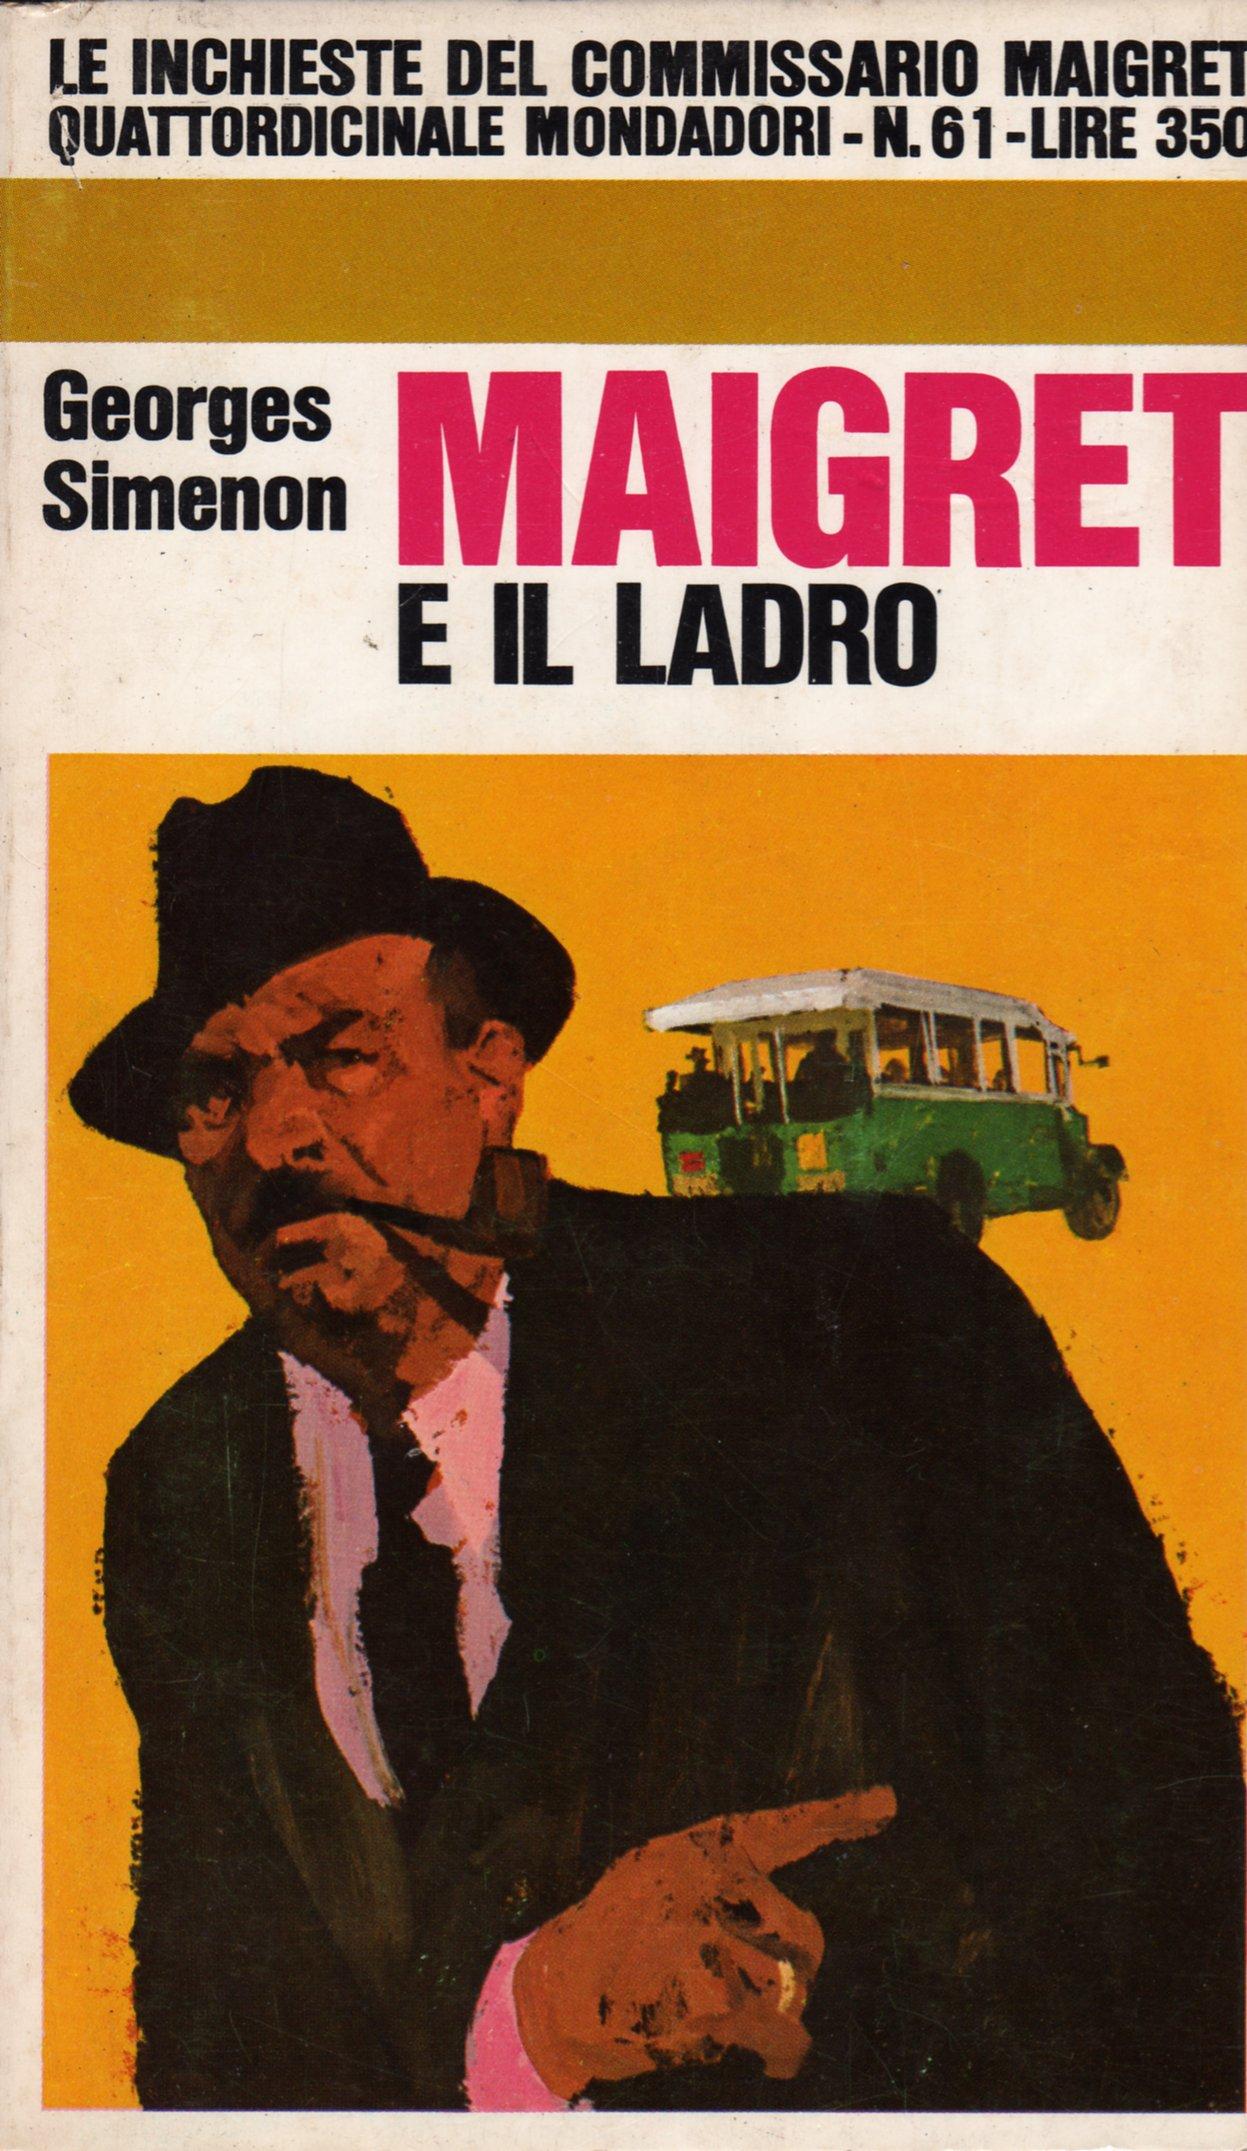 Maigret e il ladro